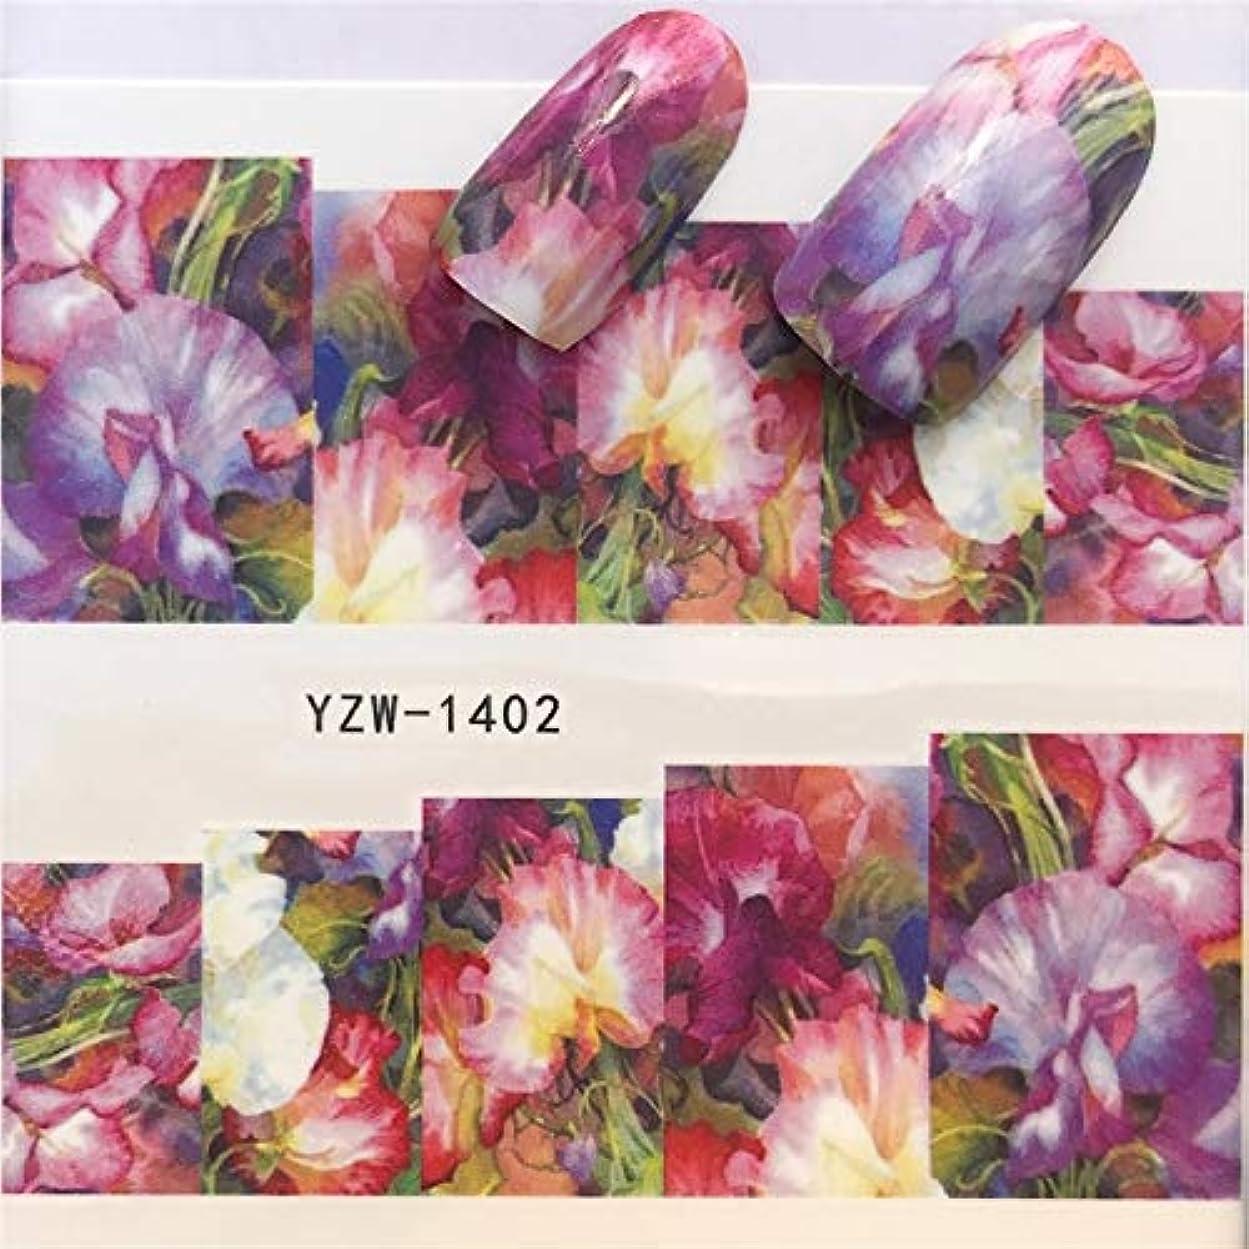 比率誘うほこりっぽいYan 3個ネイルステッカーセットデカール水転写スライダーネイルアートデコレーション、色:YZW 1402